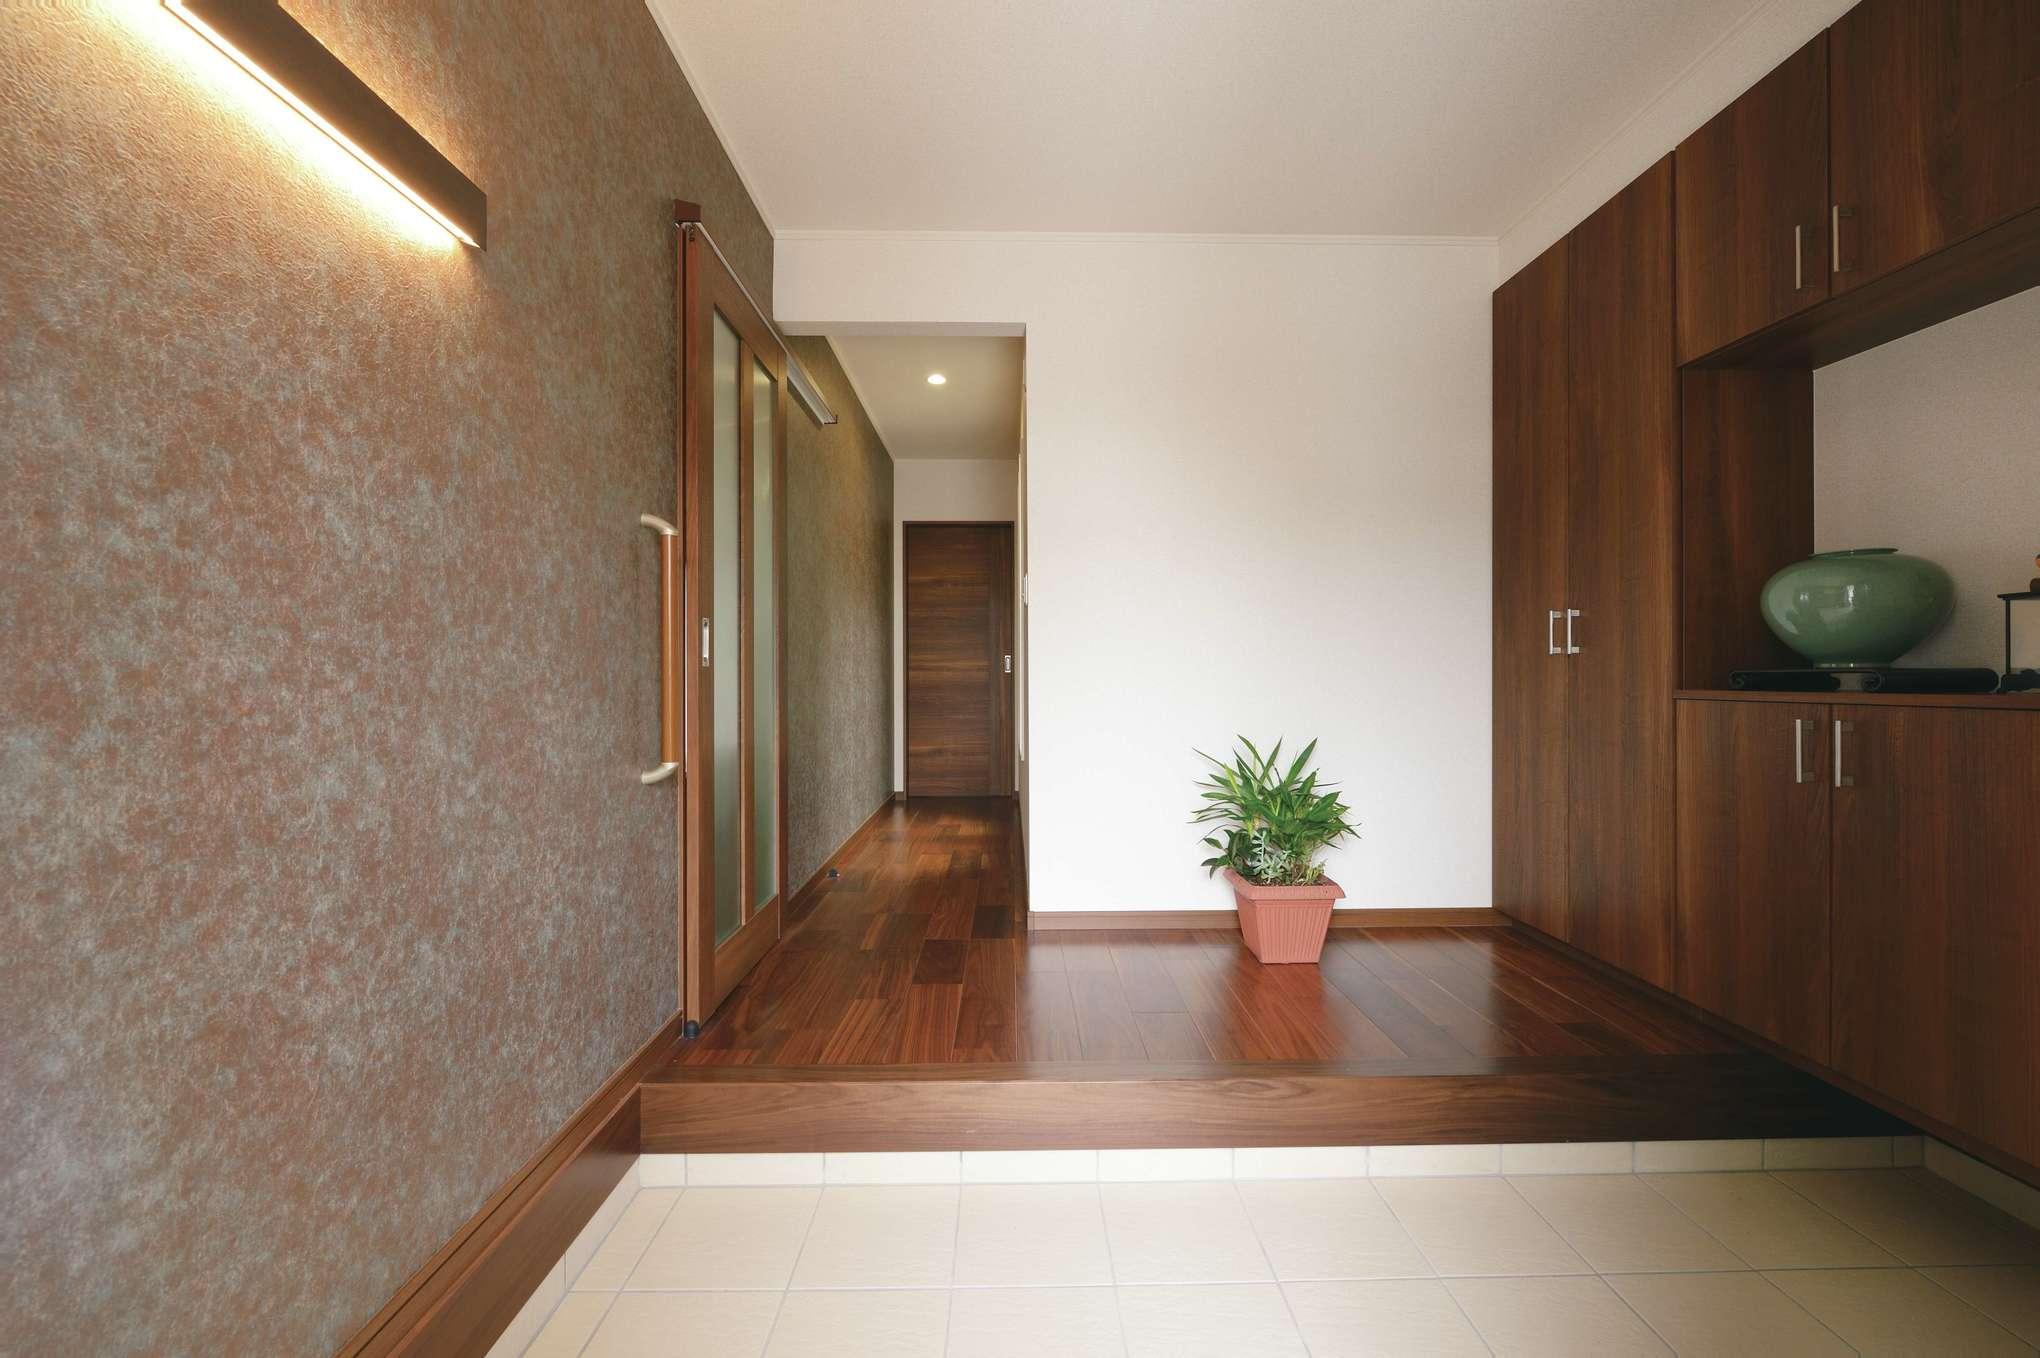 朝日住宅【デザイン住宅、夫婦で暮らす、平屋】玄関ホールから廊下へ続くグレーの壁紙は、革のような素材感がモダン。間接照明とのバランスもいい